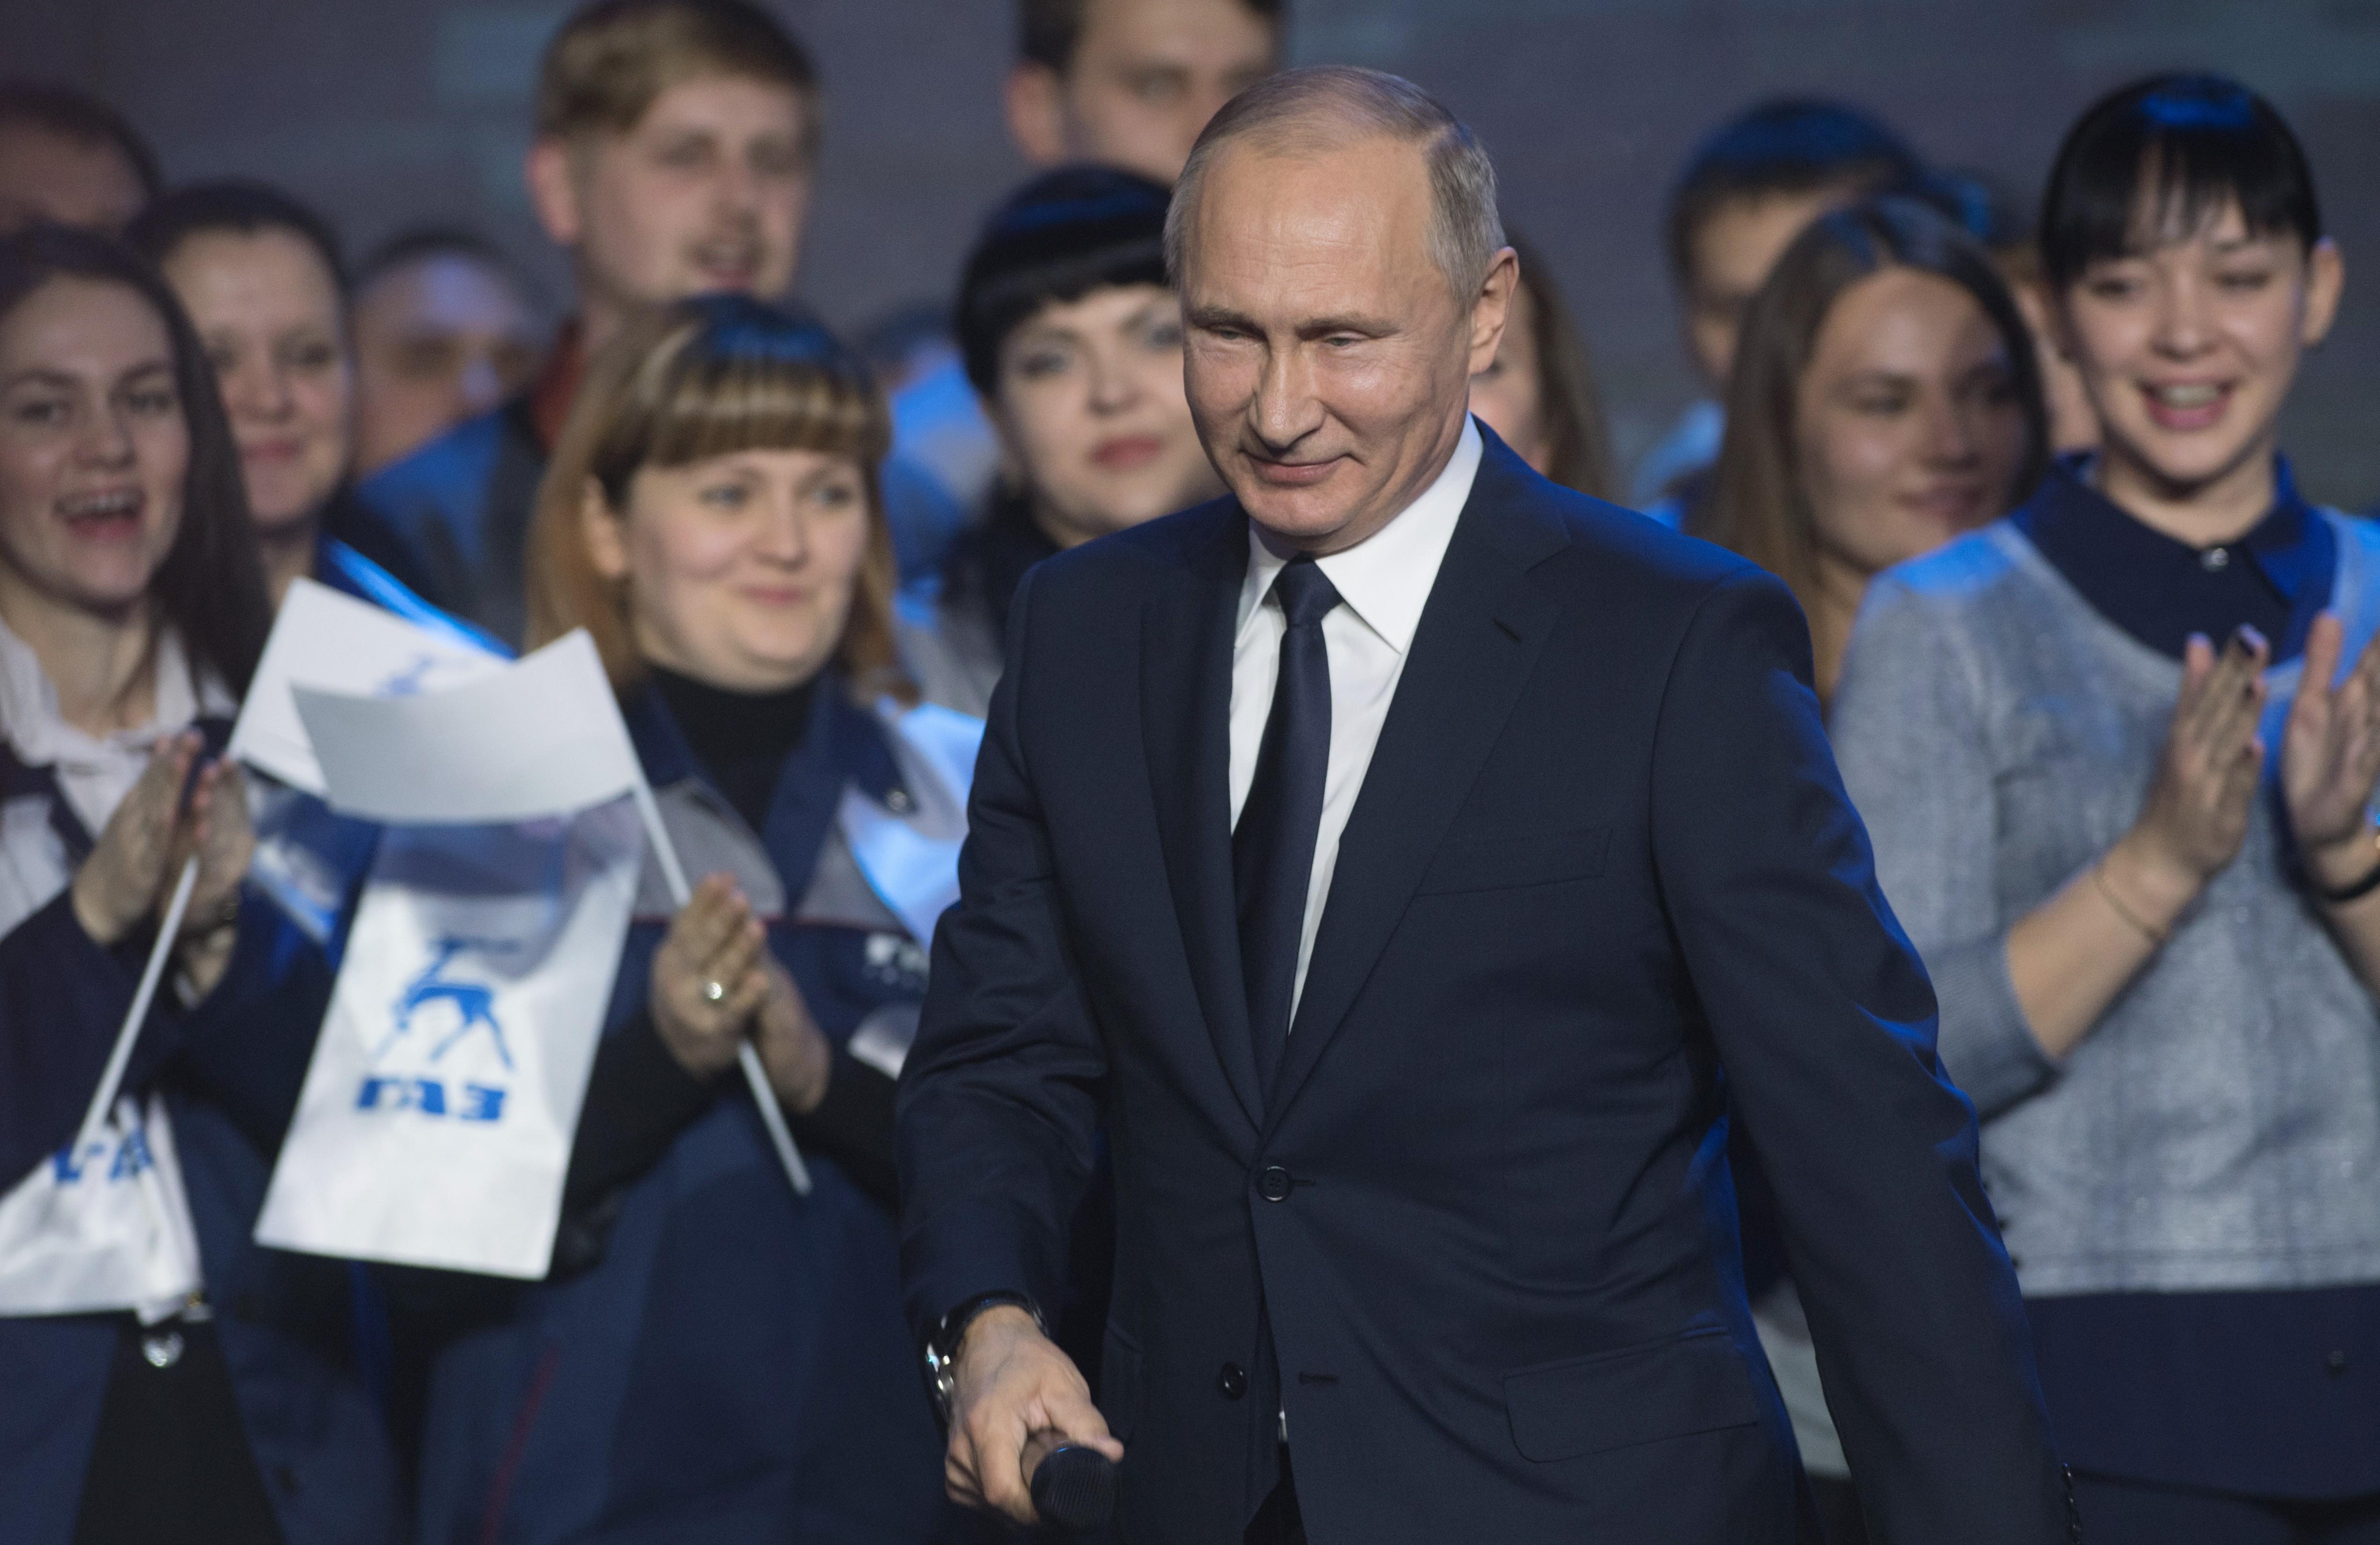 """<p><span data-offset-key=""""bitnk-0-0""""><span data-text=""""true"""">Владимир Путин. Фото: &copy;РИА Новости/</span></span><a href=""""http://visualrian.ru/search/?query=%D0%A1%D0%B5%D1%80%D0%B3%D0%B5%D0%B9%20%D0%93%D1%83%D0%BD%D0%B5%D0%B5%D0%B2&amp;area=author""""><span data-offset-key=""""bitnk-1-0""""><span data-text=""""true"""">Сергей Гунеев</span></span></a></p>"""